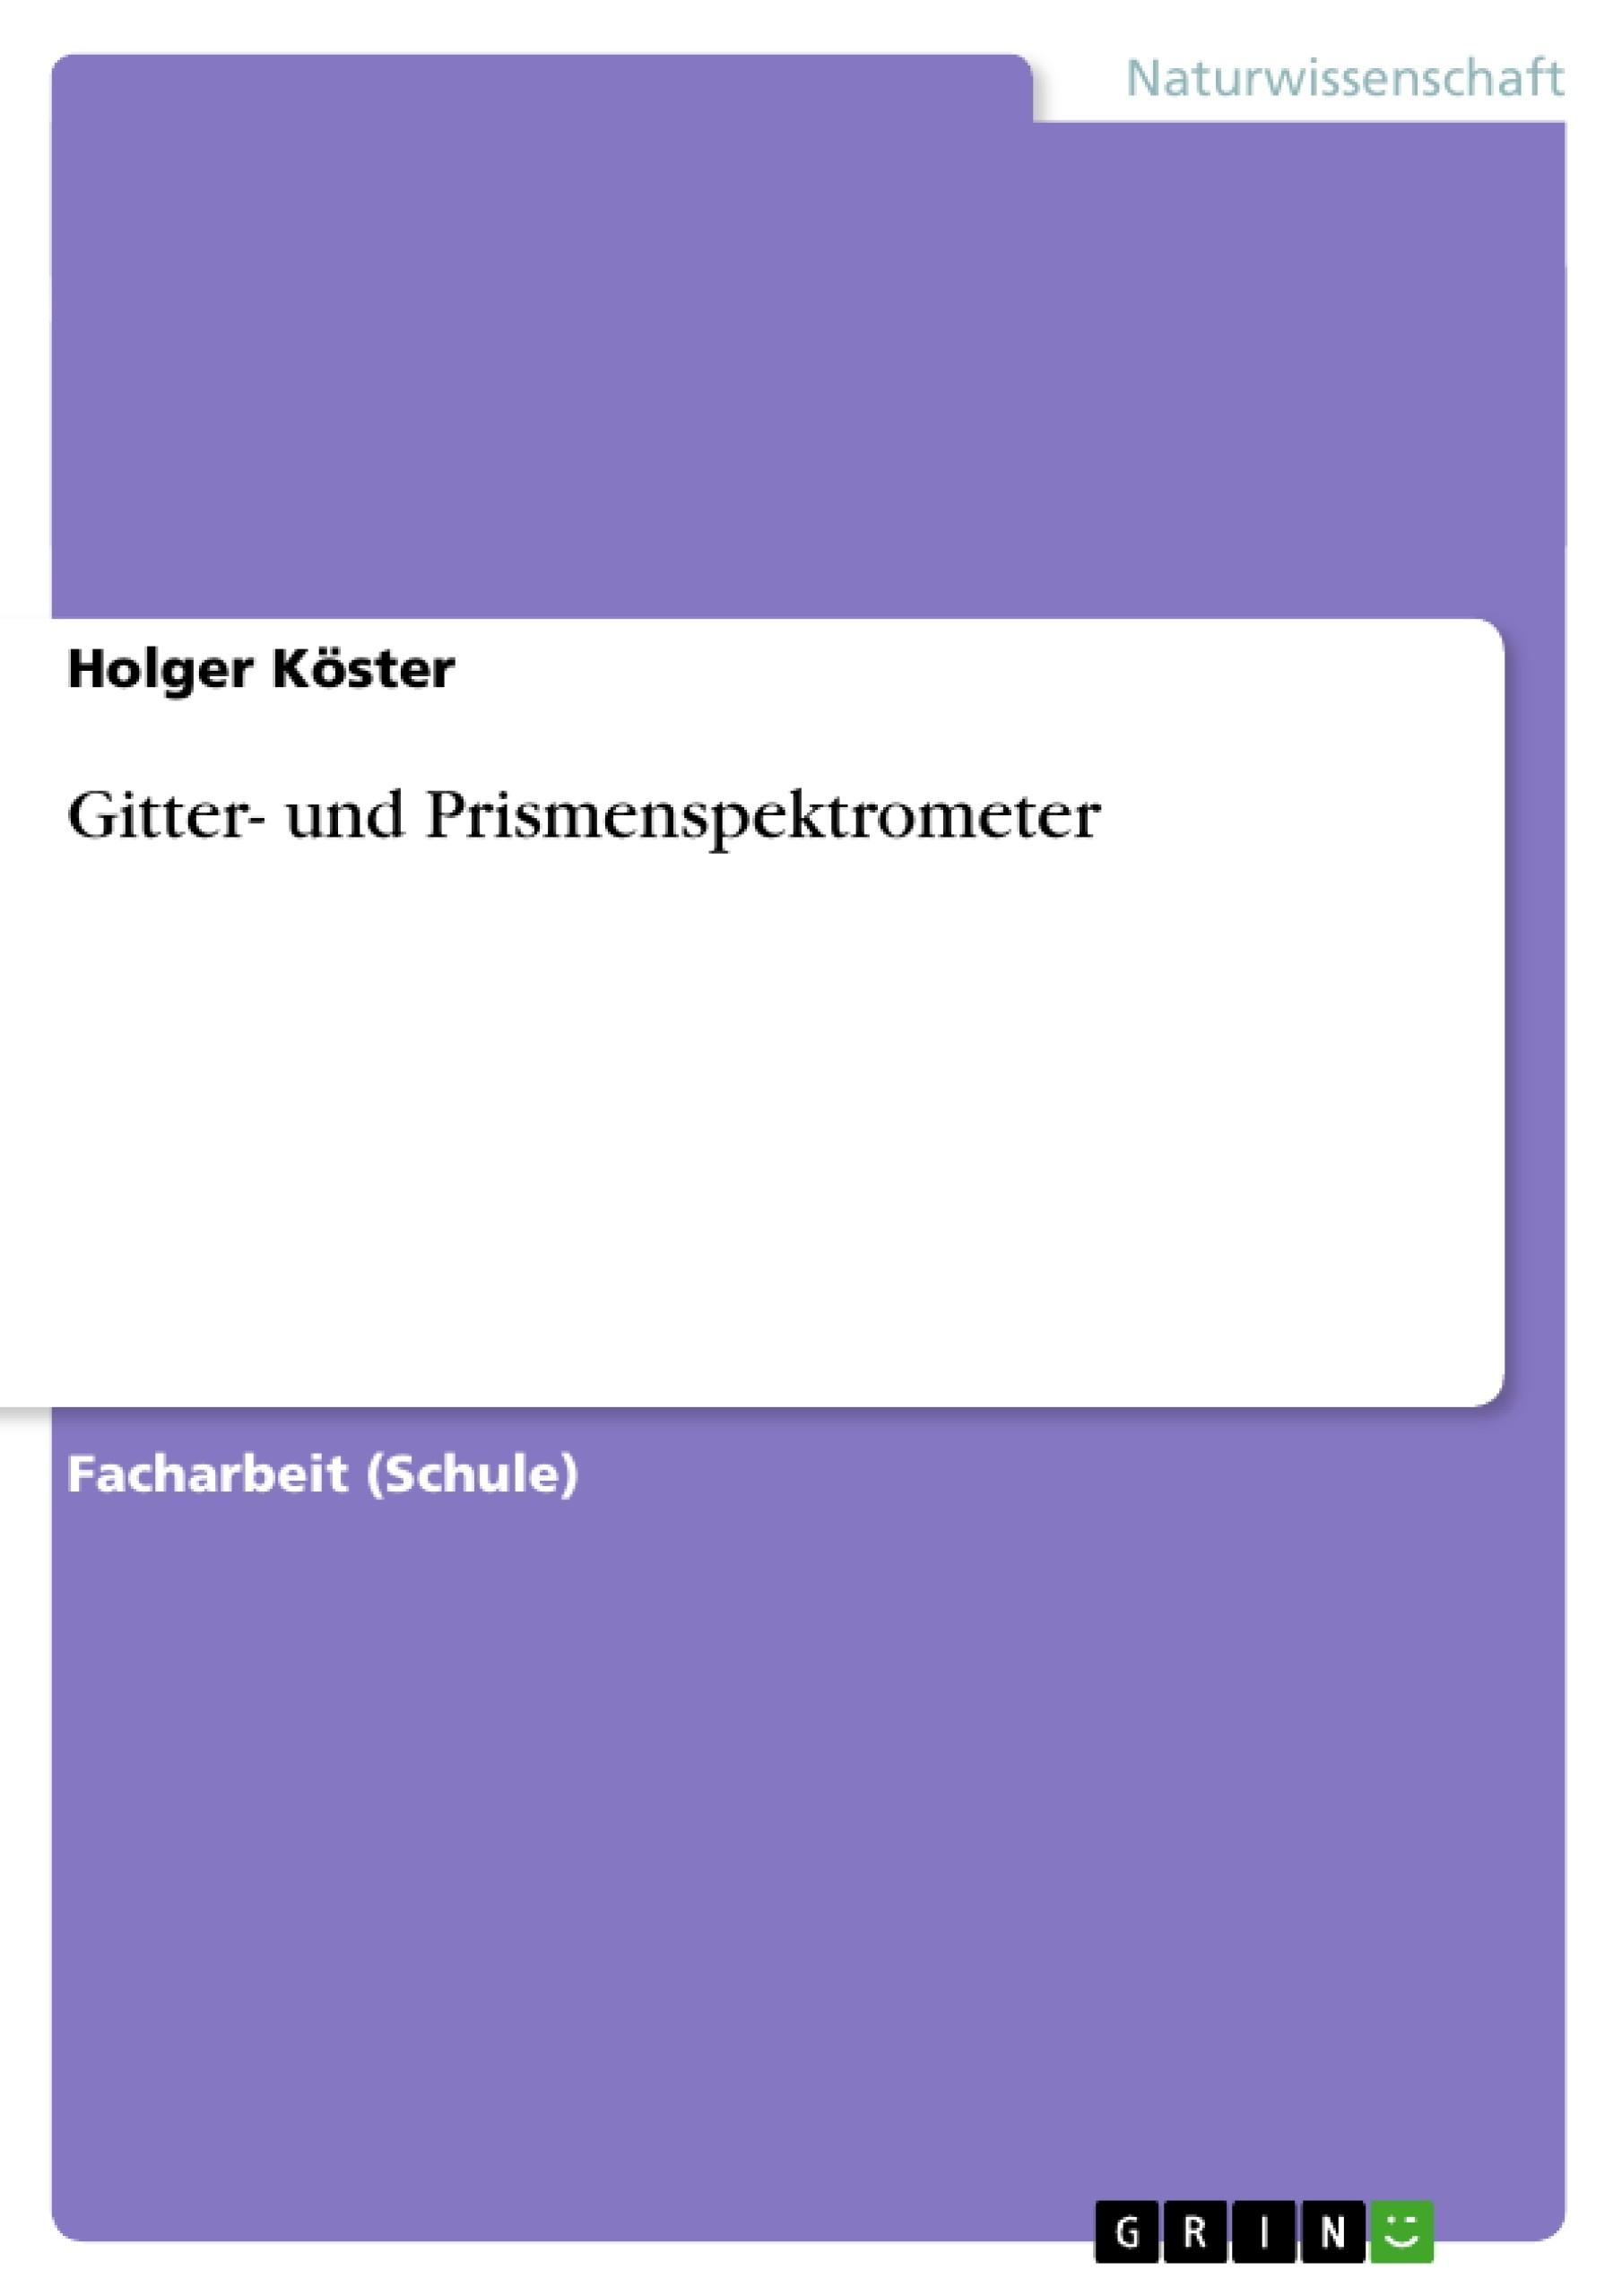 Titel: Gitter- und Prismenspektrometer